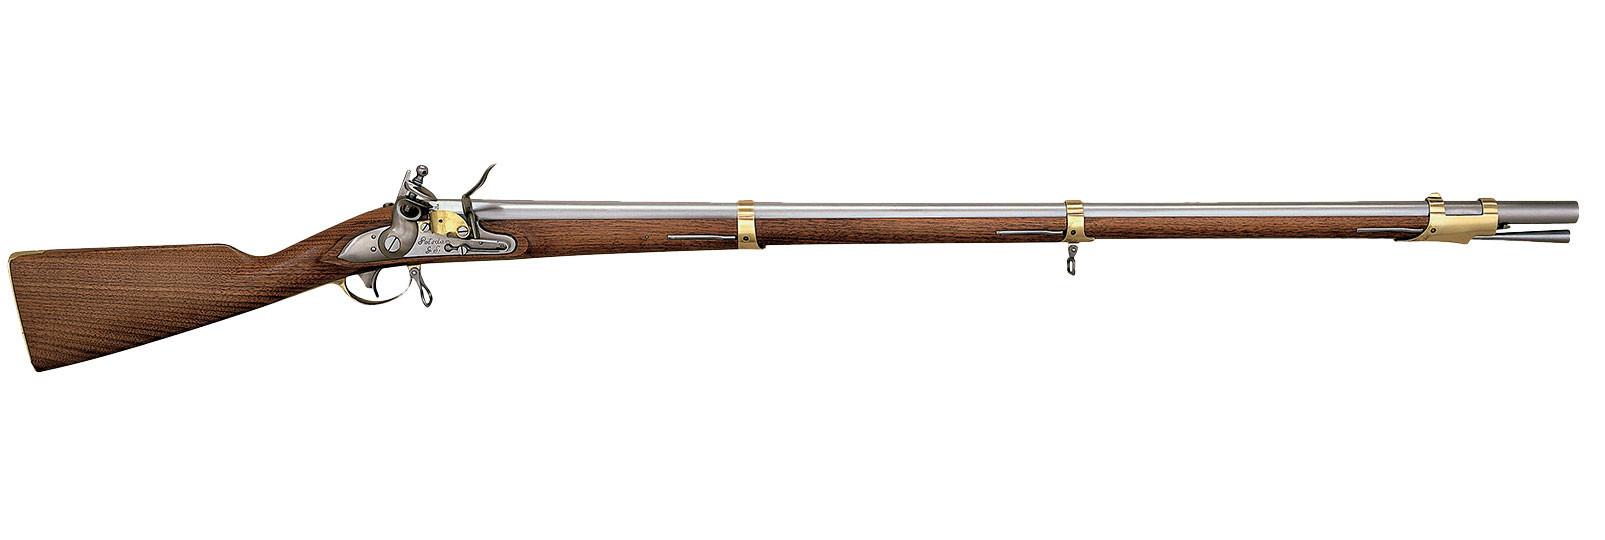 Fucile 1809 Prussian